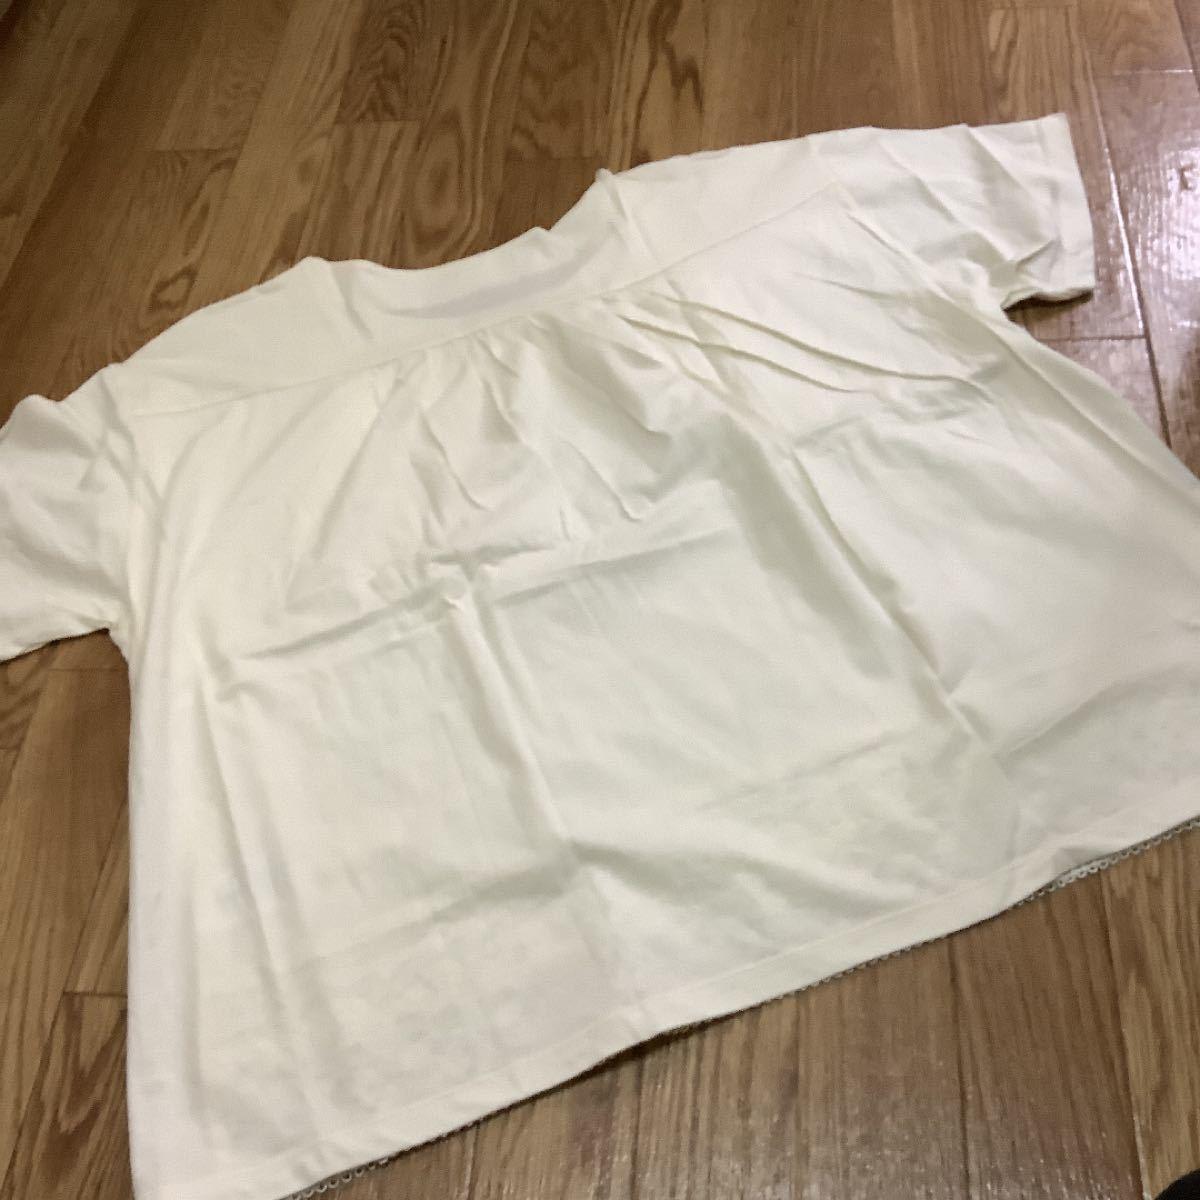 カットソー Tシャツ 裾レース スタジオクリップ リンネル好きの方 新品未使用